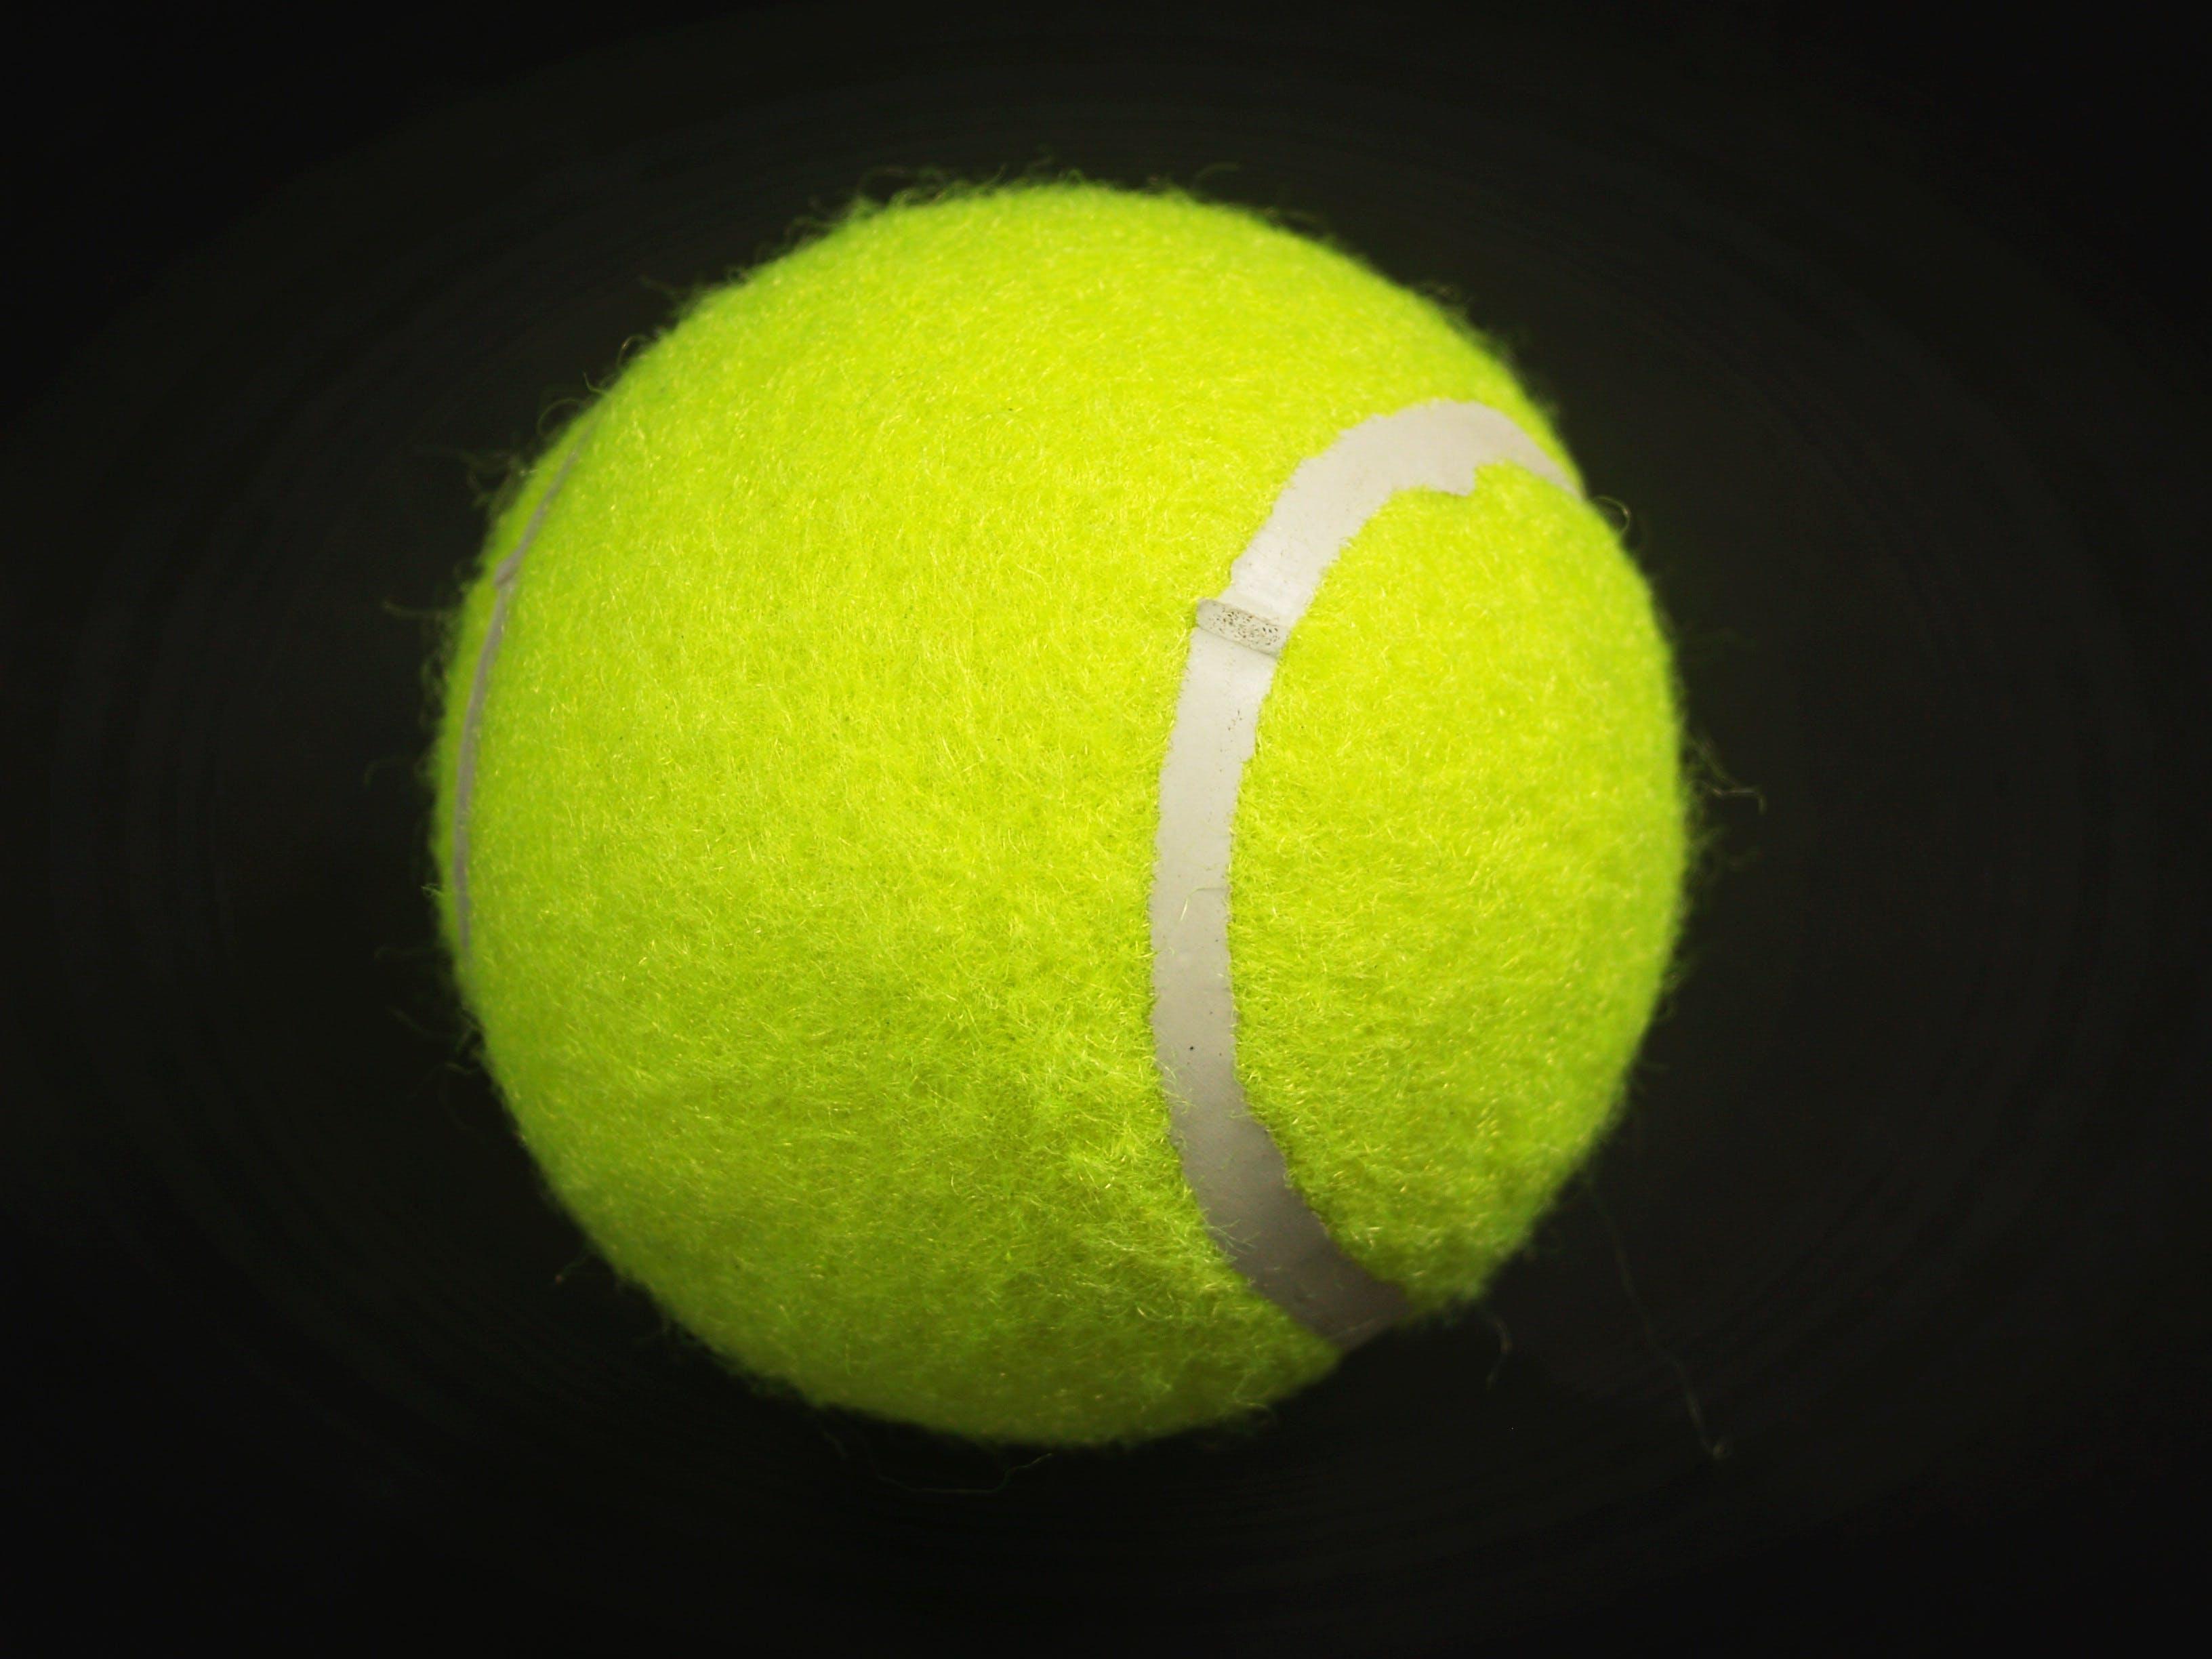 Green Tennis Ball Illustration